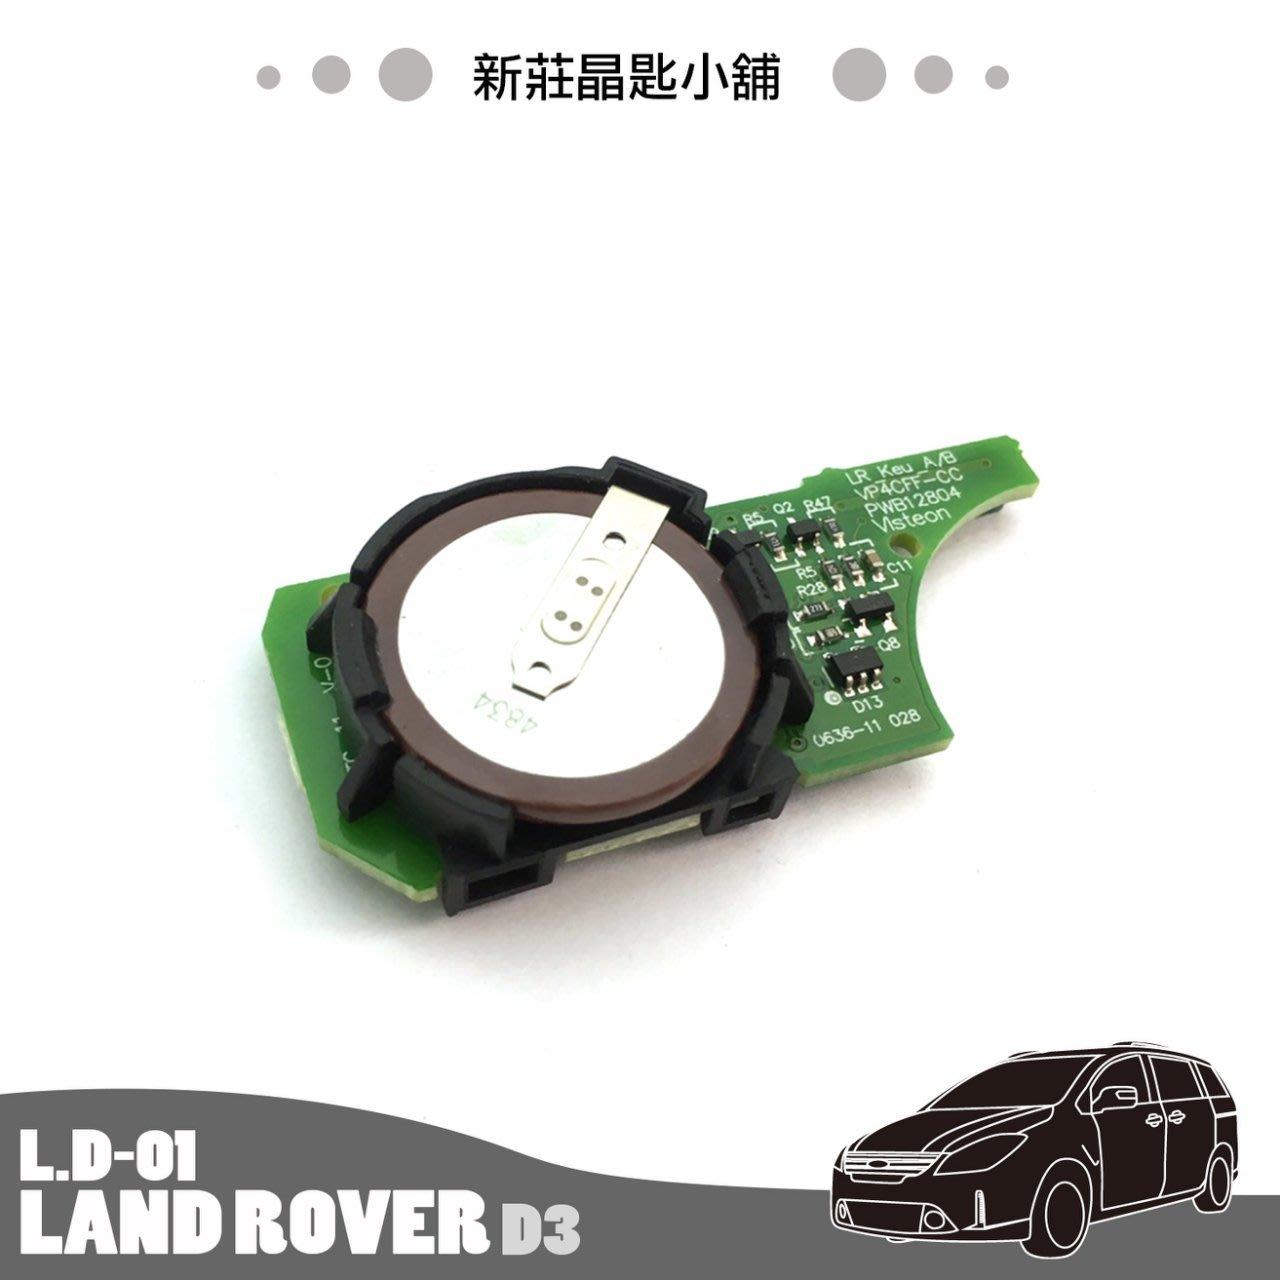 新莊晶匙小舖 LAND ROVER / RANGE ROVER DISCOVERY 3 摺疊鑰匙電池更換 摺疊鑰匙維修